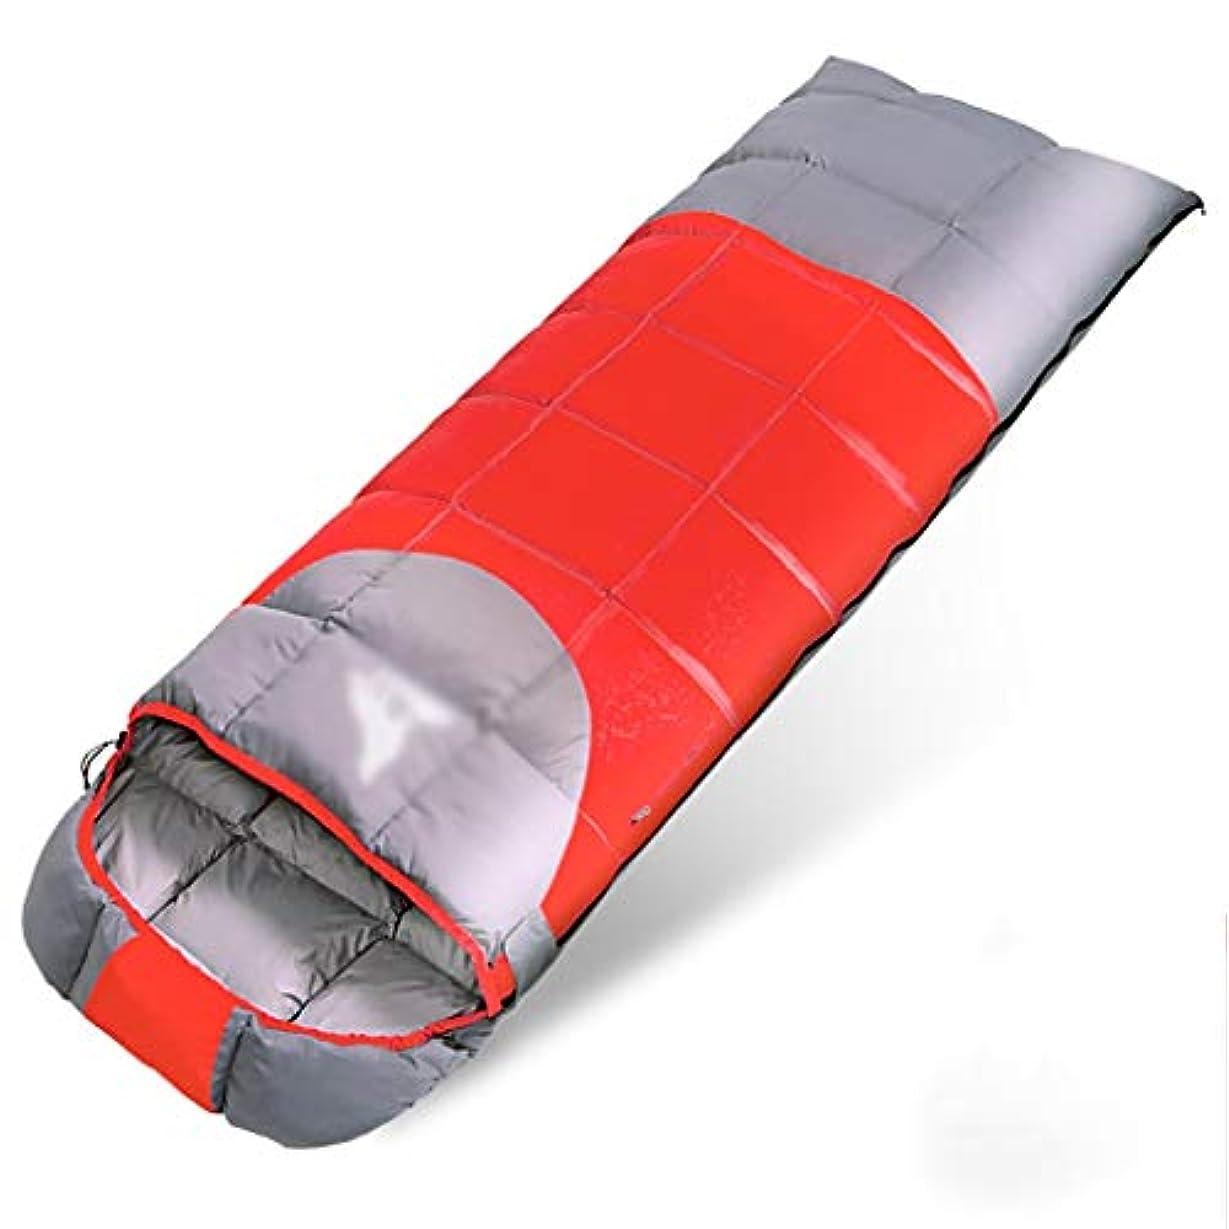 高さ配送名目上の屋外用寝袋 冬シーズン軽量キャンプ封筒寝袋キャンプ、ハイキング、(2.5KG) (色 : A)